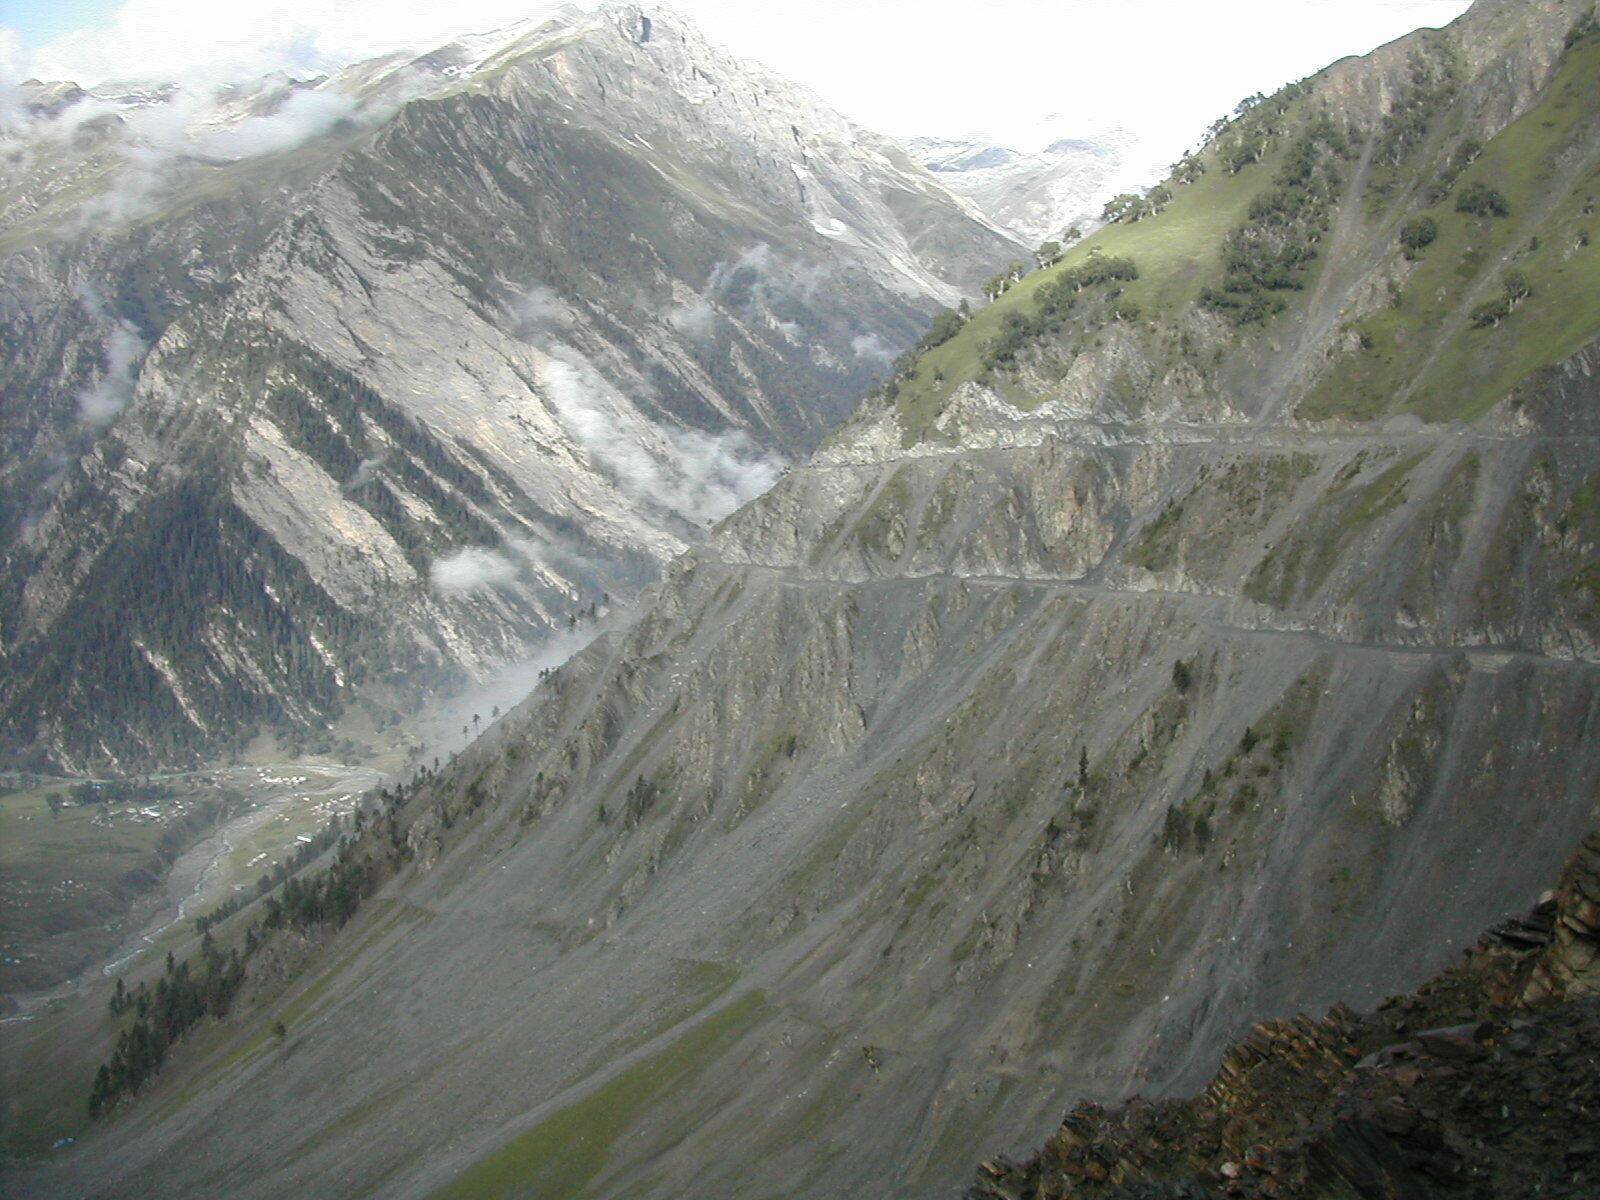 <b><SPAN CLASS=BOLD><STRONG>FARLIG:</b></strong> </span>Zoij La er et fjellpass mange har slitt med å komme over. Veien er bratt, smal og tar deg høyt til fjells. For ikke å snakke om farene for jord- og snøras.